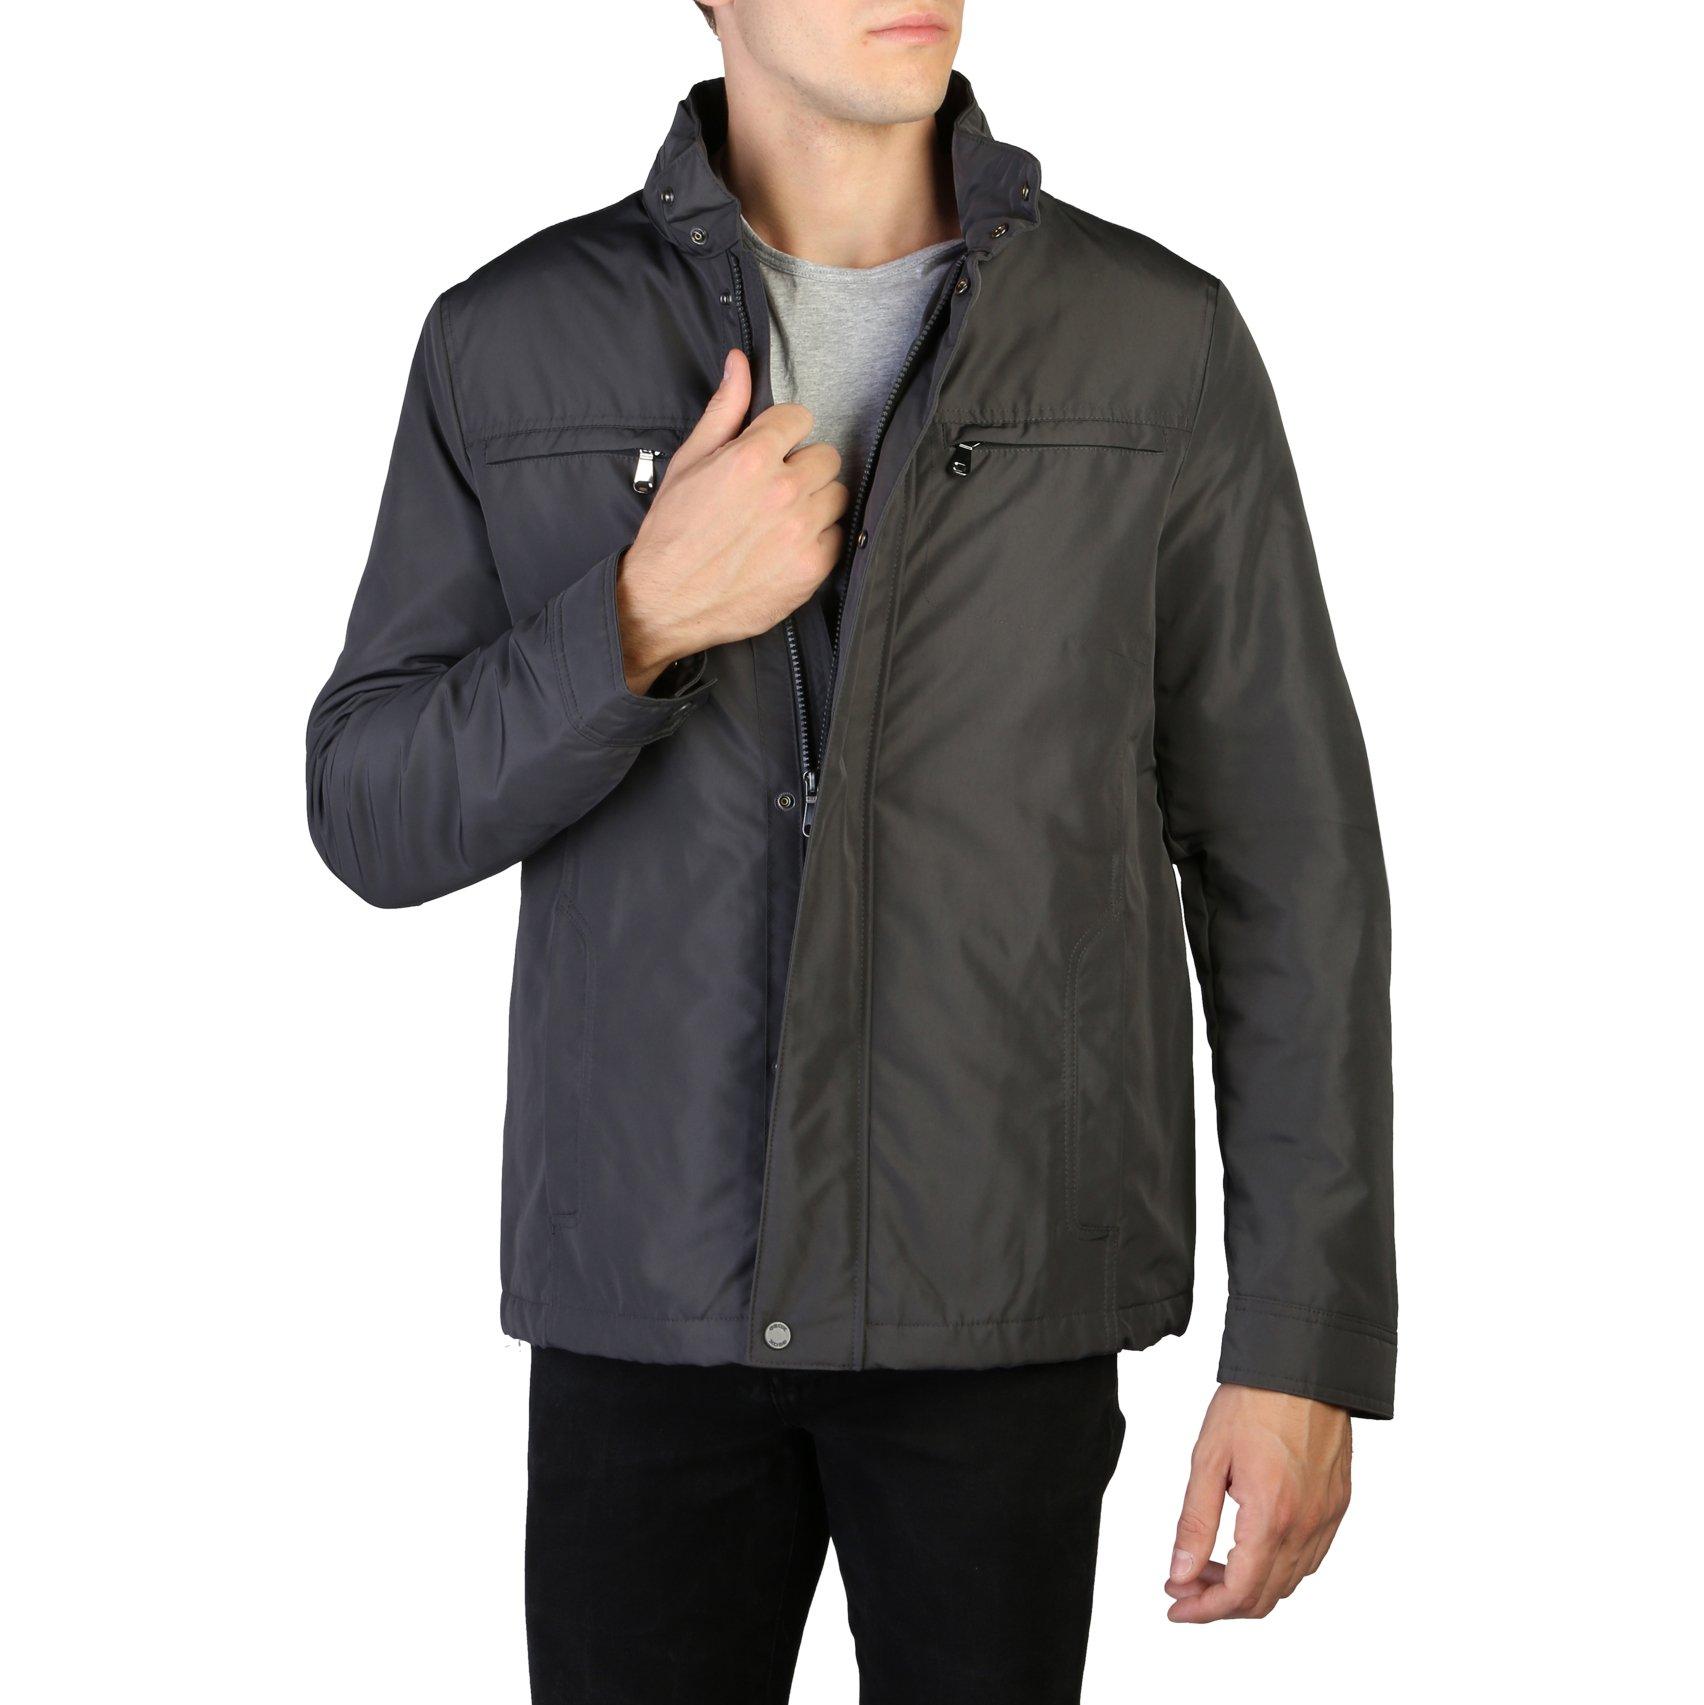 Geox Men's Jacket Blue M8420GT2419 - grey 48